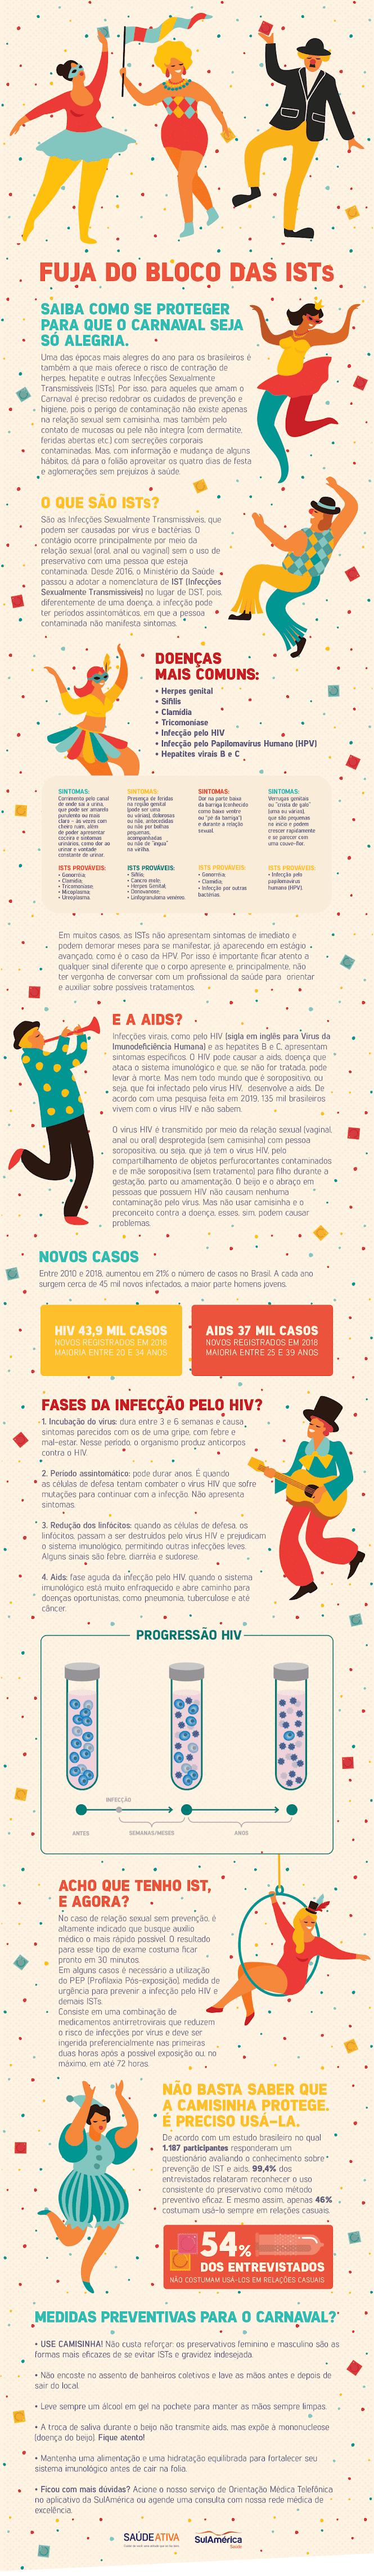 infografico carnaval